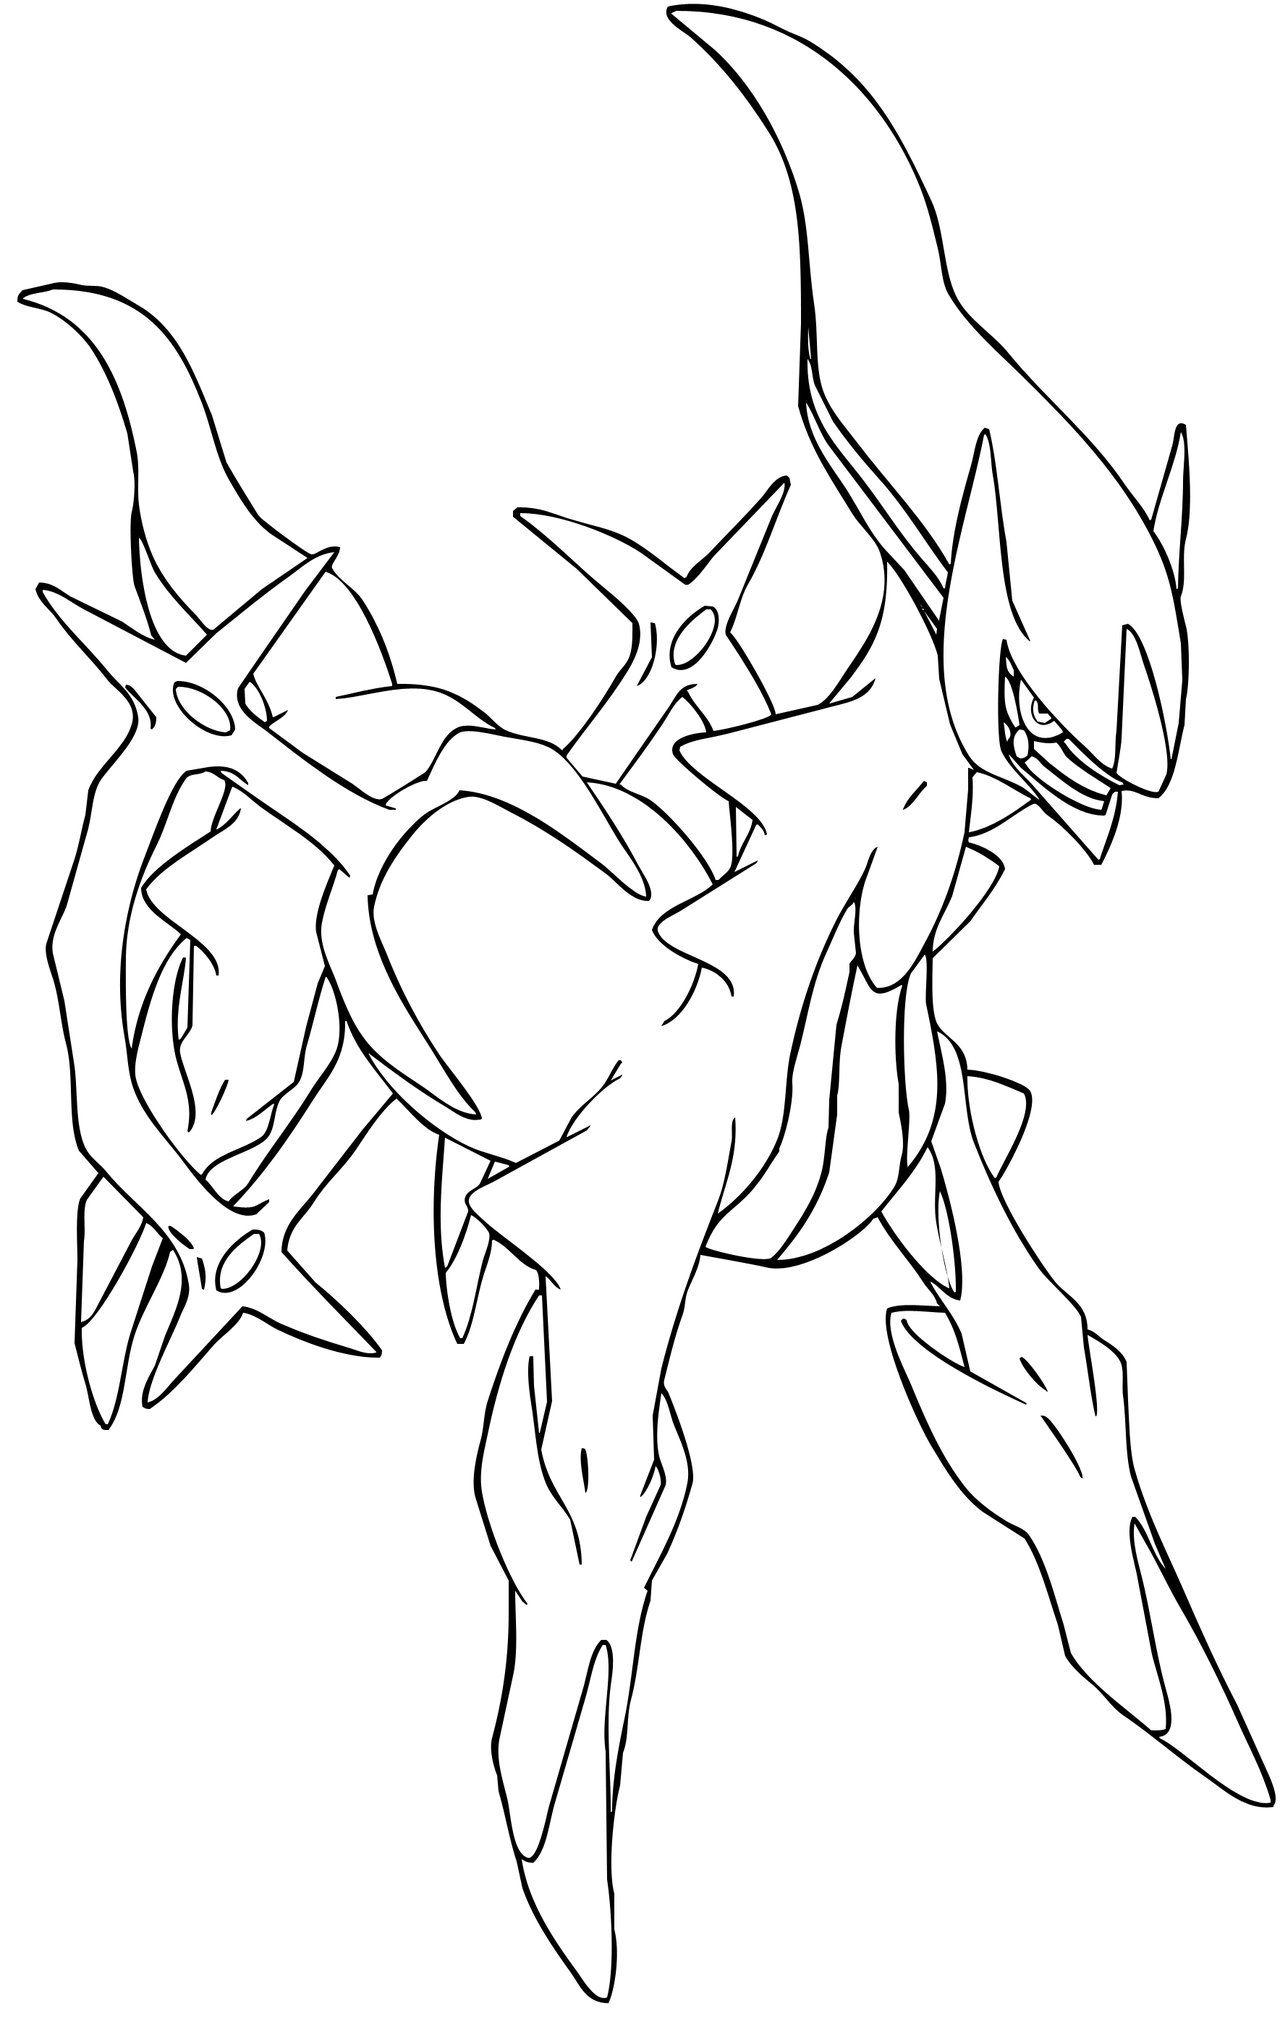 Coloriage De Pokemon Arceus Imprimer Et Obtenir Une